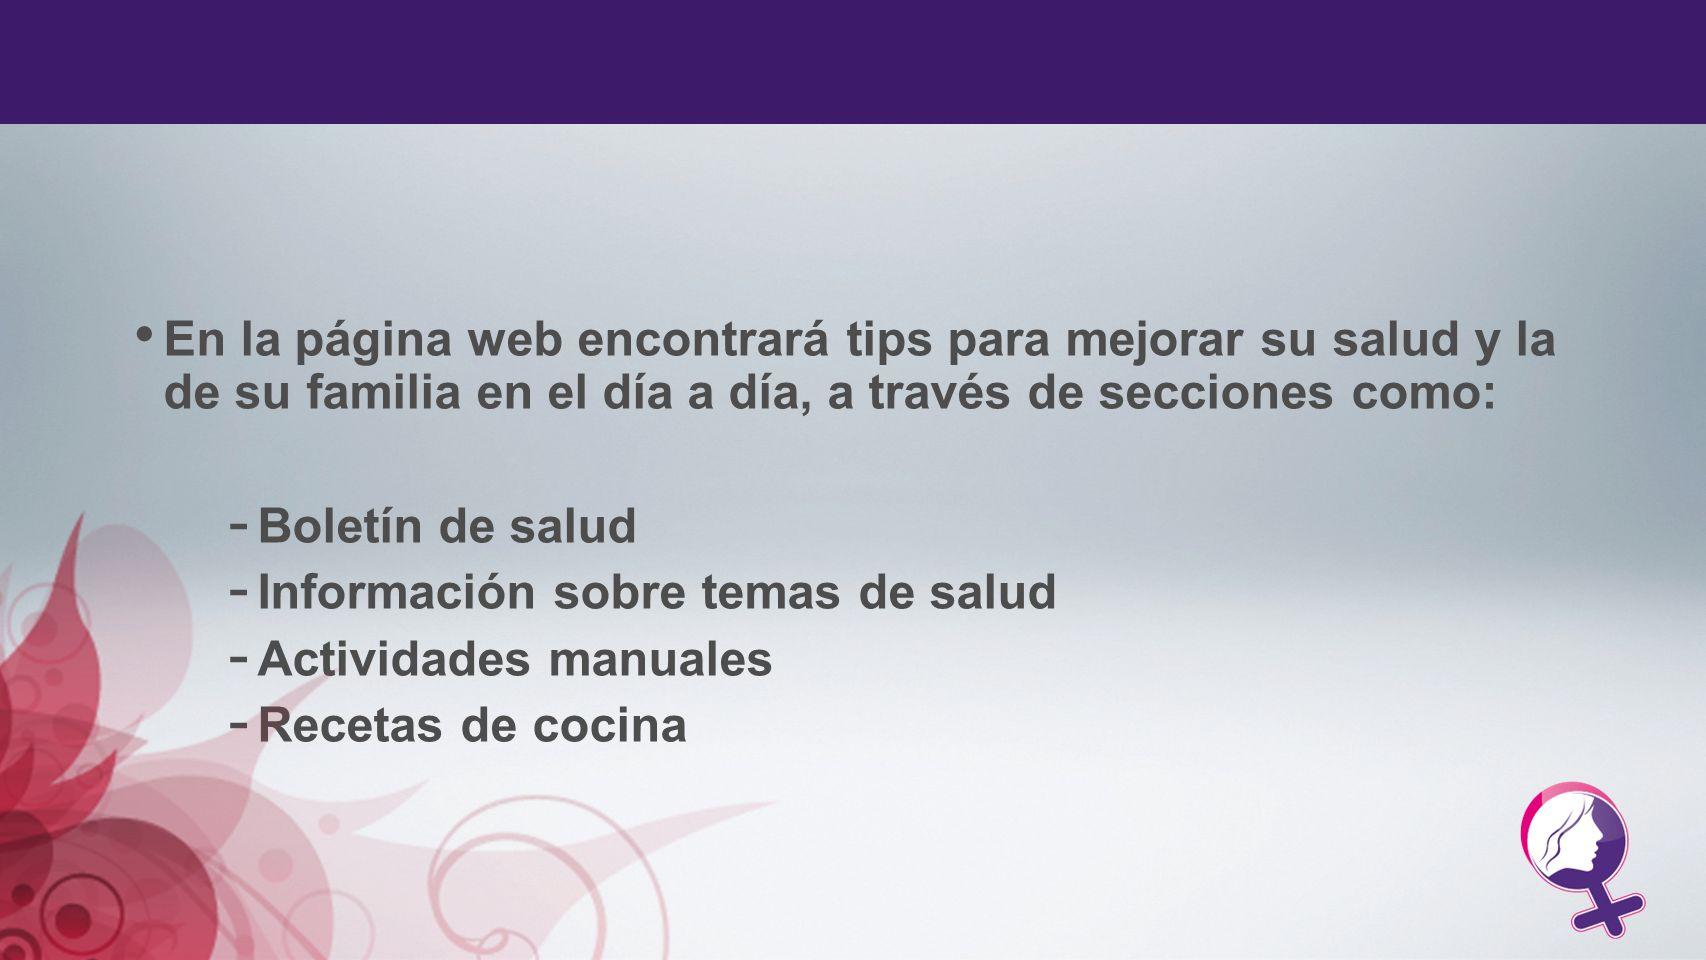 En la página web encontrará tips para mejorar su salud y la de su familia en el día a día, a través de secciones como: